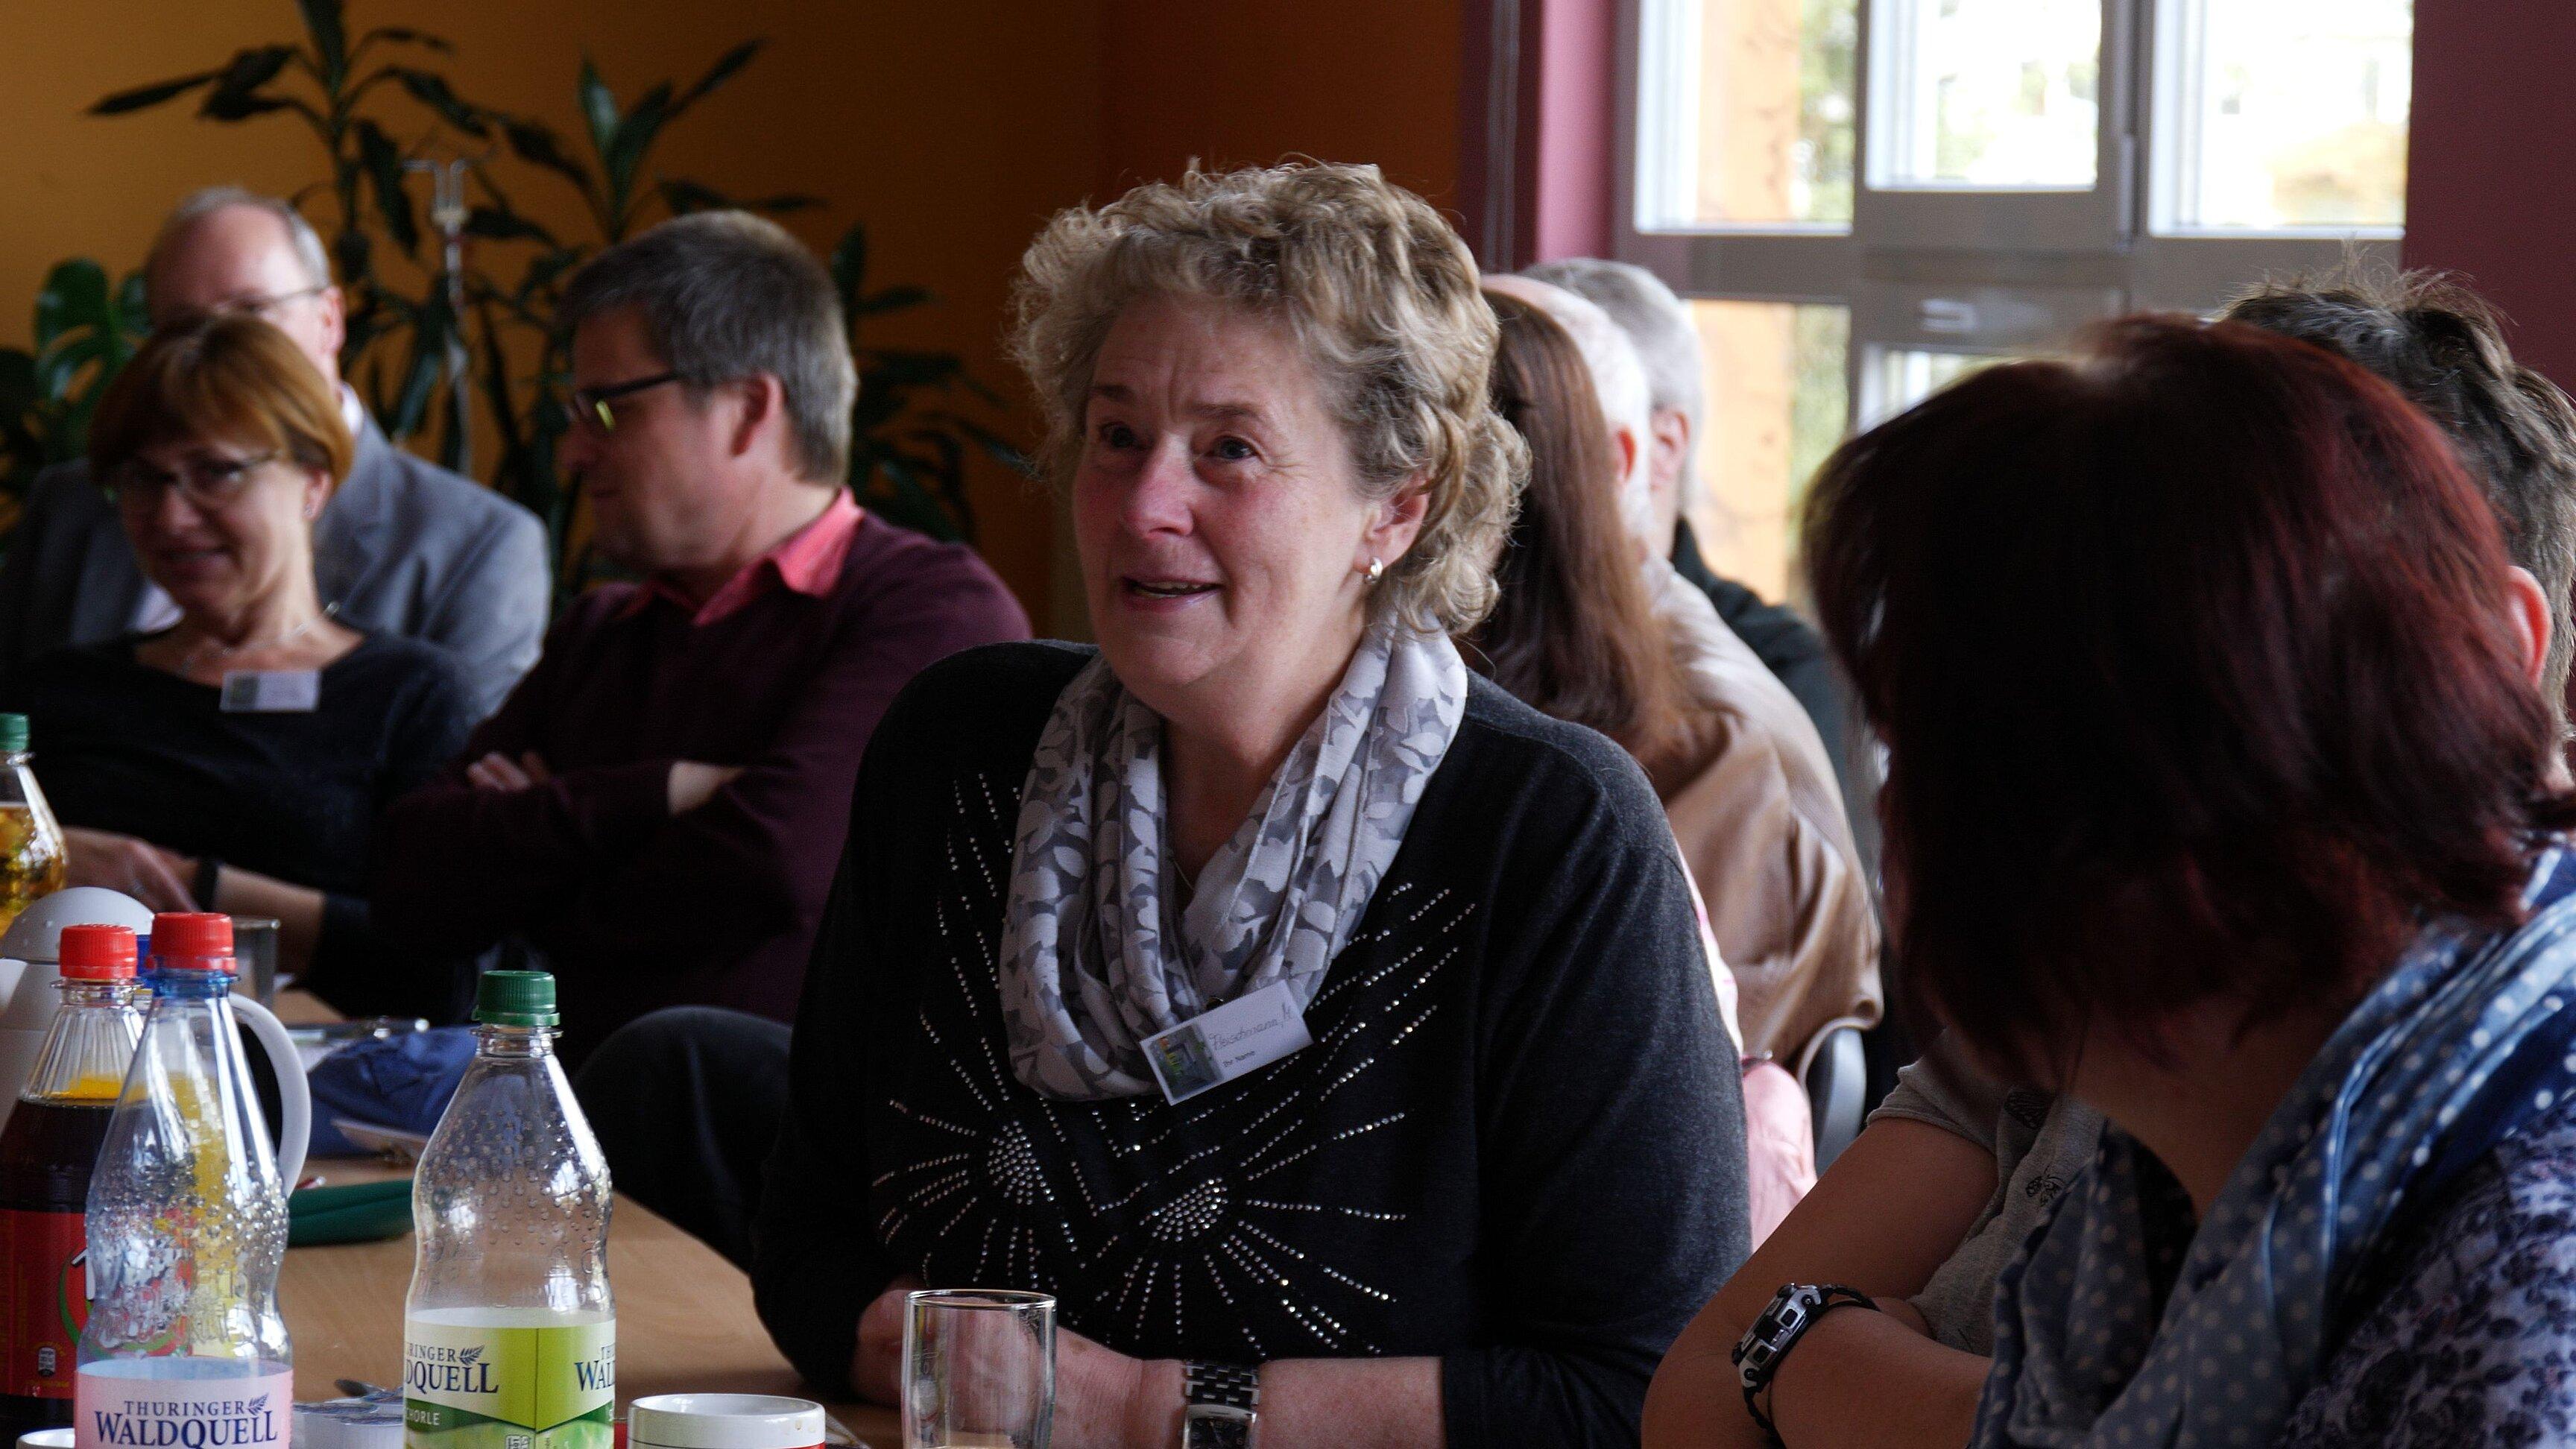 Im Mittelpunkt des Bild sitzt eine mittelalte Frau an einem Tisch, sie ist umgeben von mehreren anderen Personen.